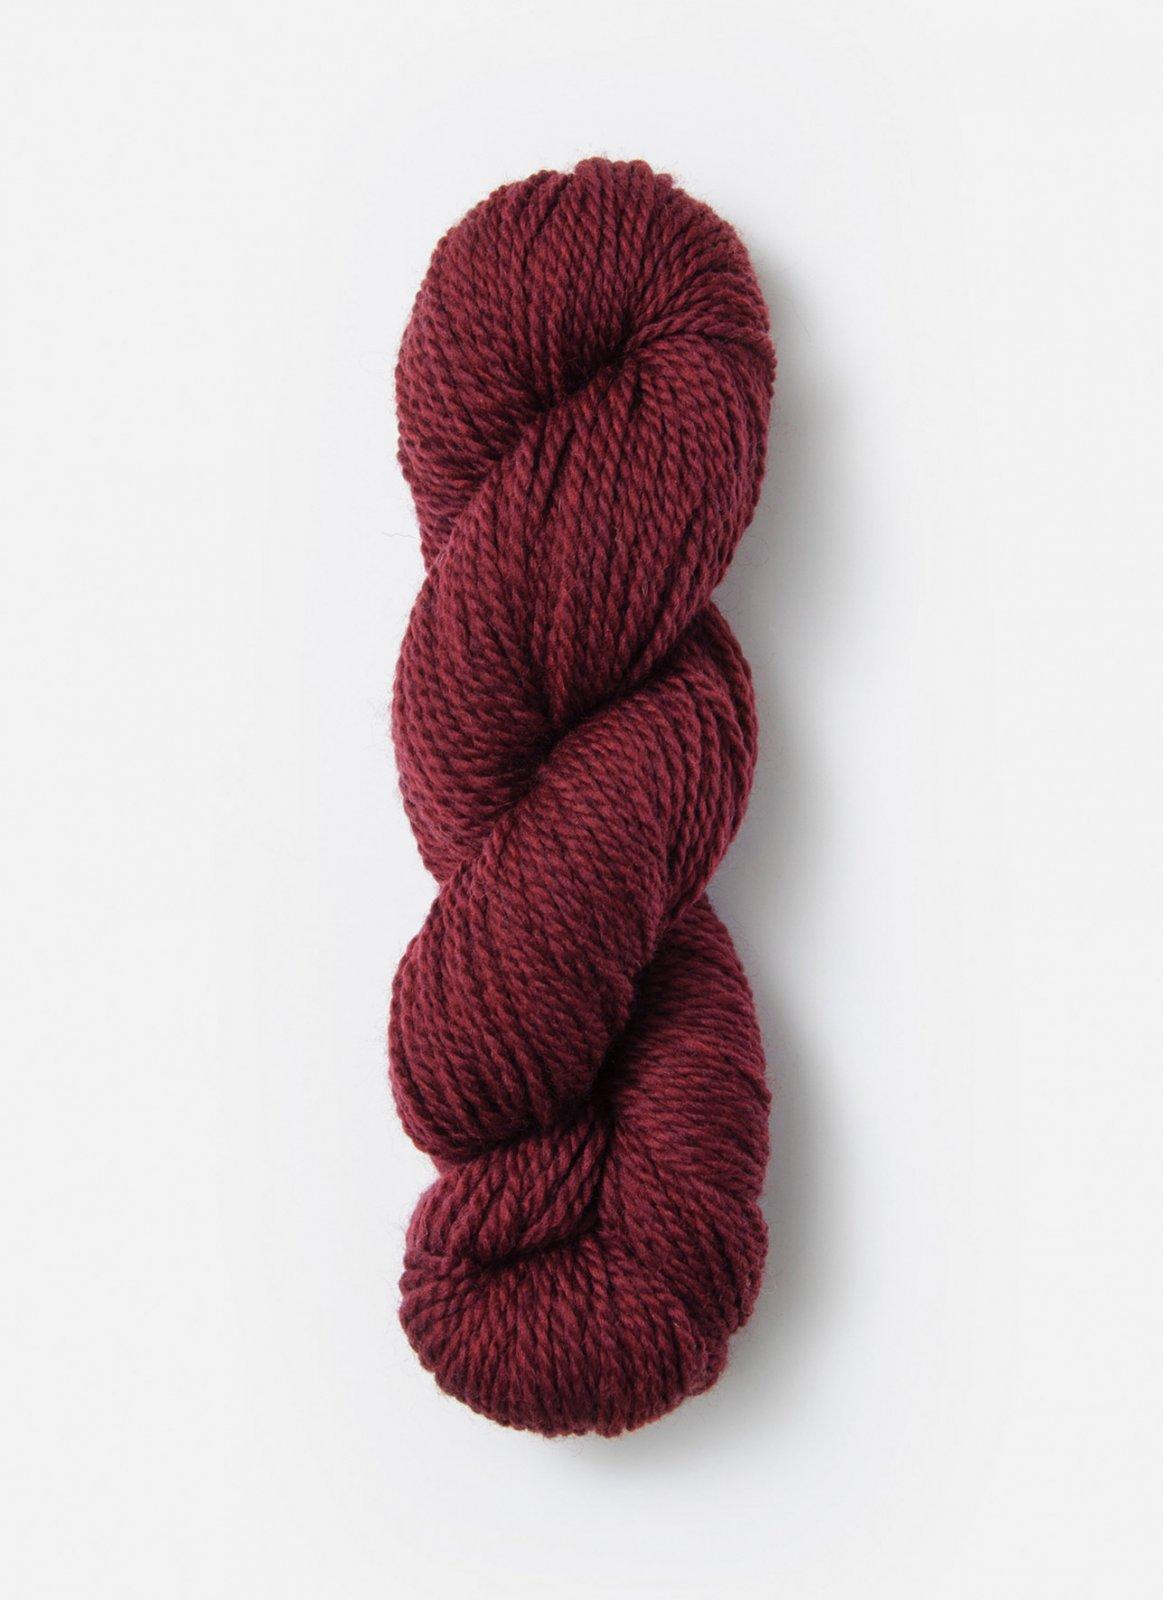 Blue Sky Fibers Woolstok - 50 grams